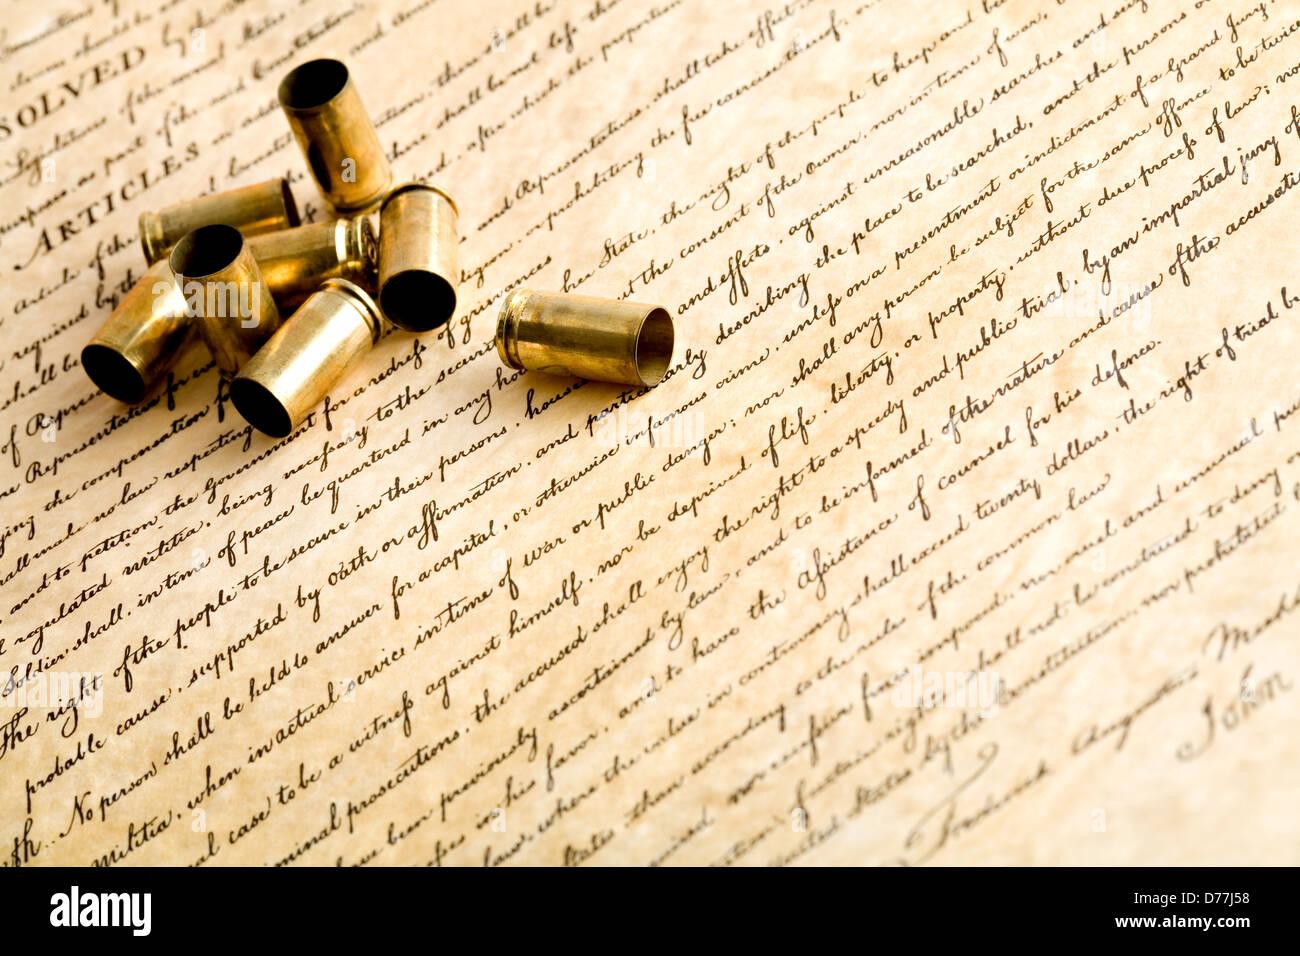 Kugeln auf die Bill Of Rights - das Recht, Waffen zu tragen - verbrachte Gehäusen, Makro mit Schwerpunkt am Stockbild